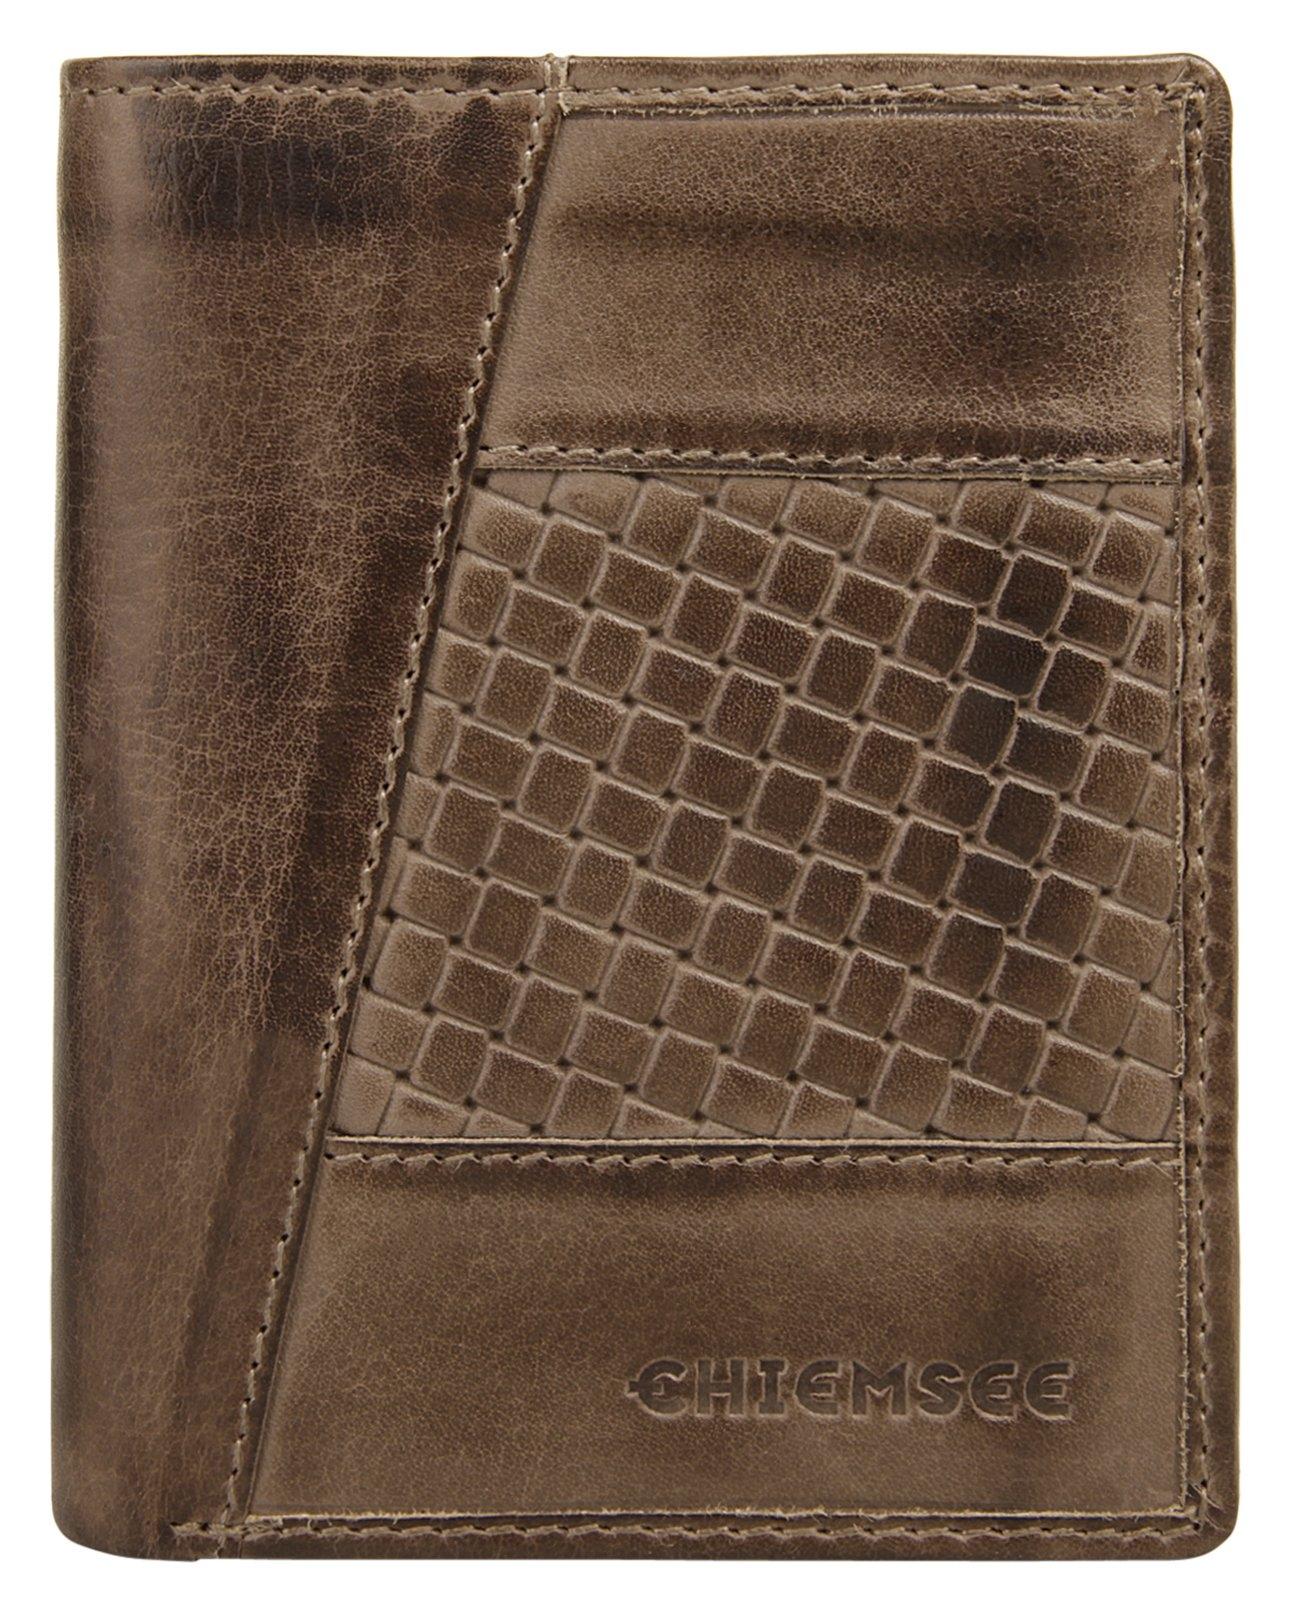 Chiemsee portemonnee tweevoudig inklapbaar (1-delig) bestellen: 30 dagen bedenktijd